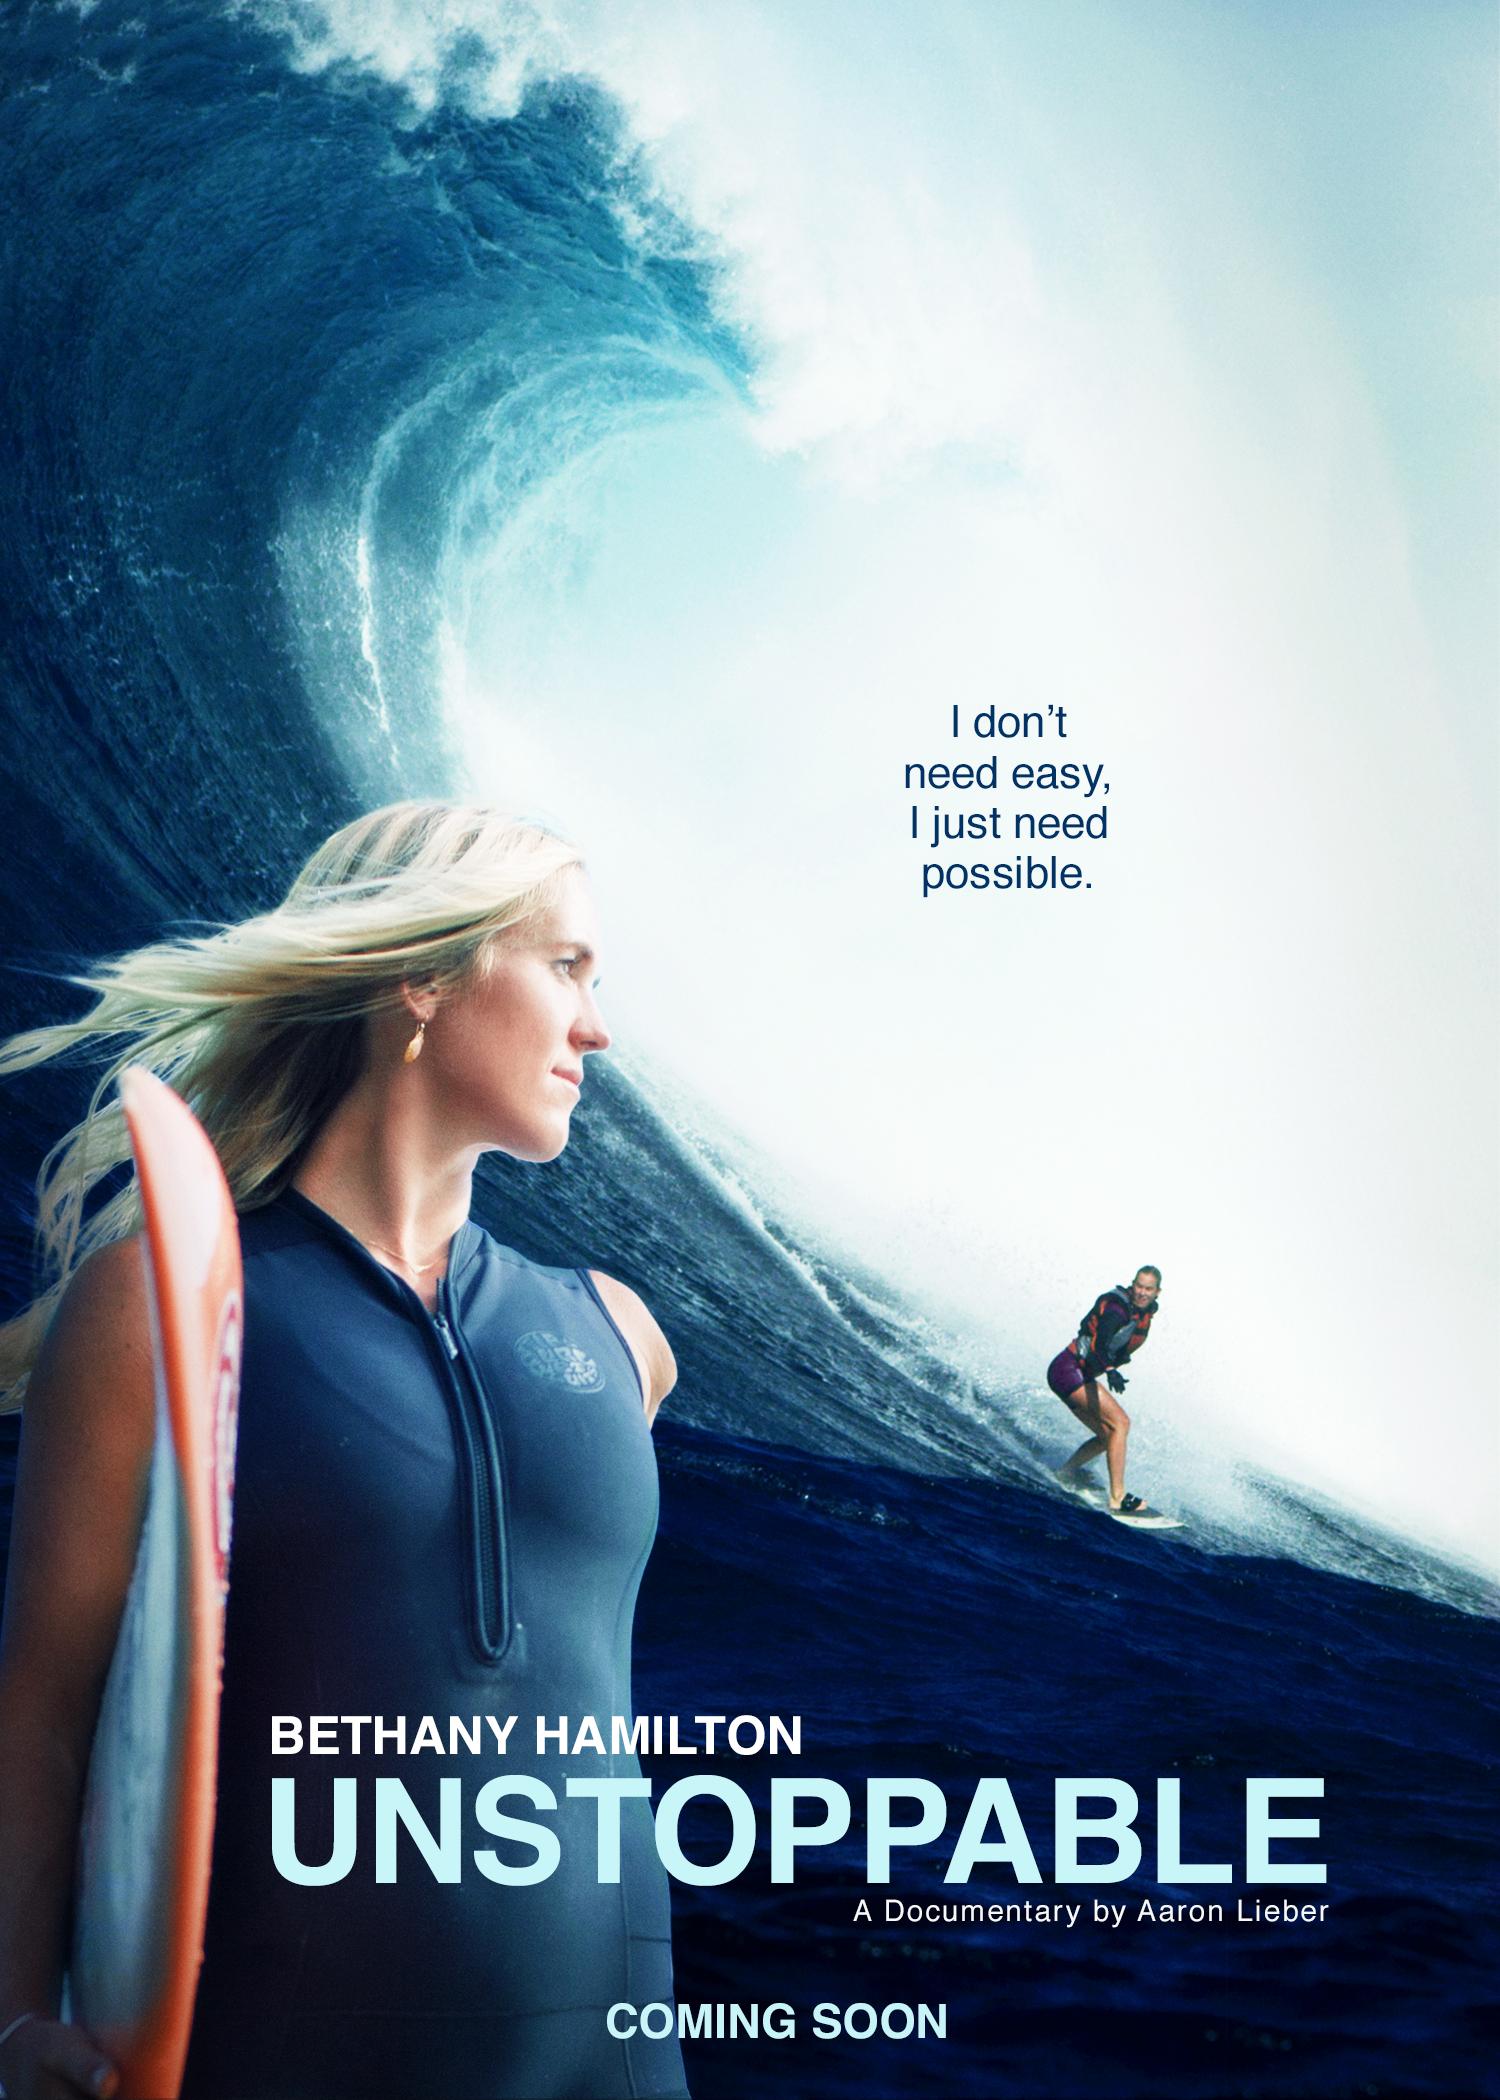 unstoppable poster.jpg